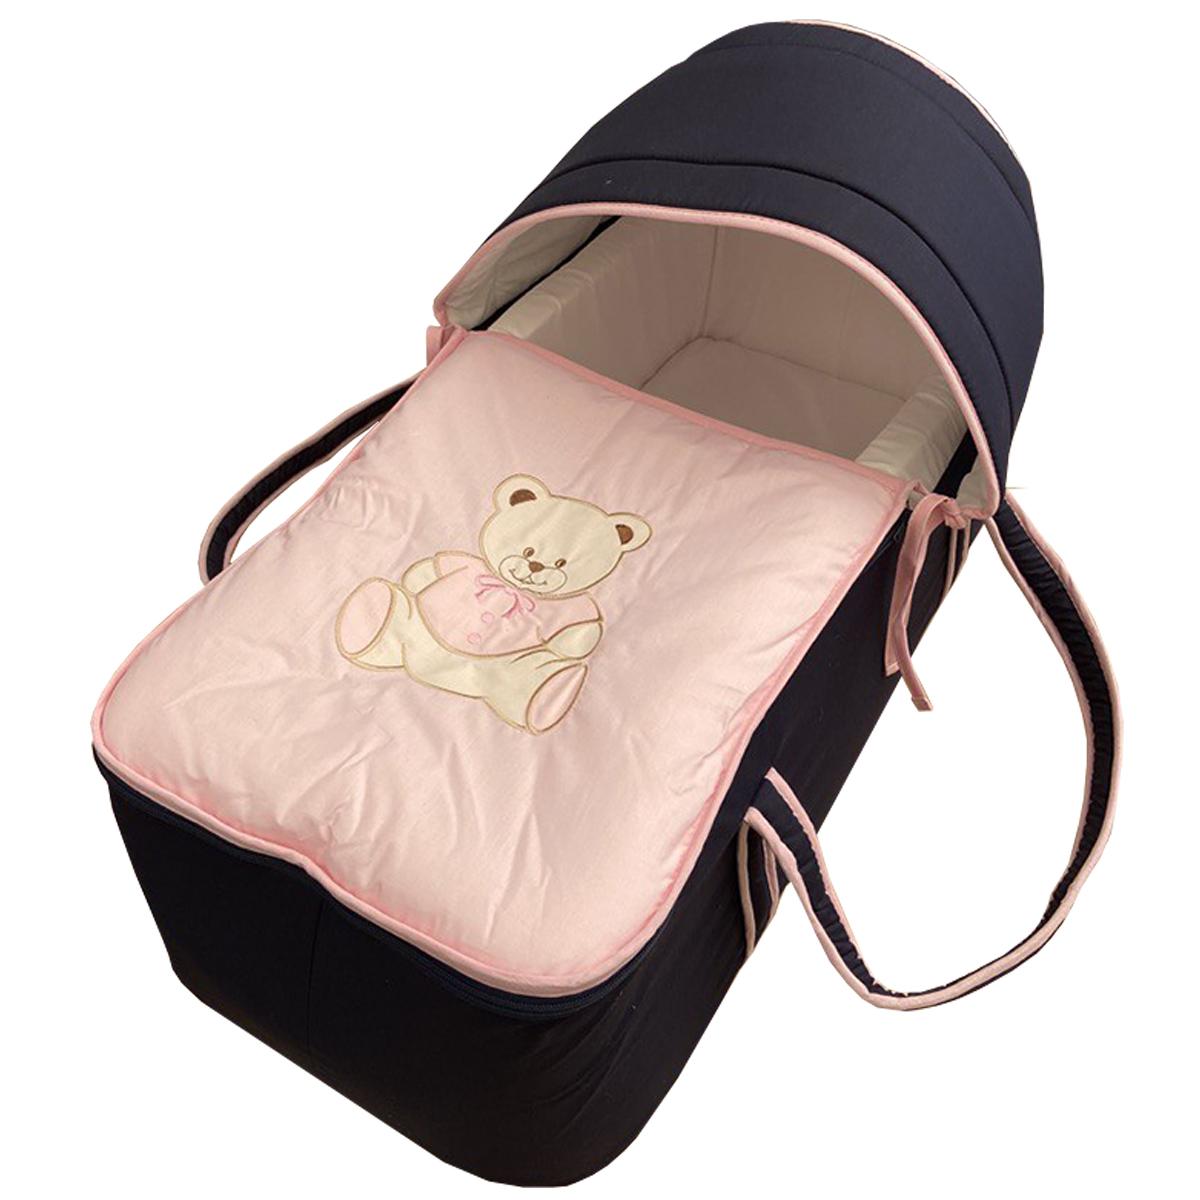 Couffin pour bébé bleu nuit et rose motif nounours